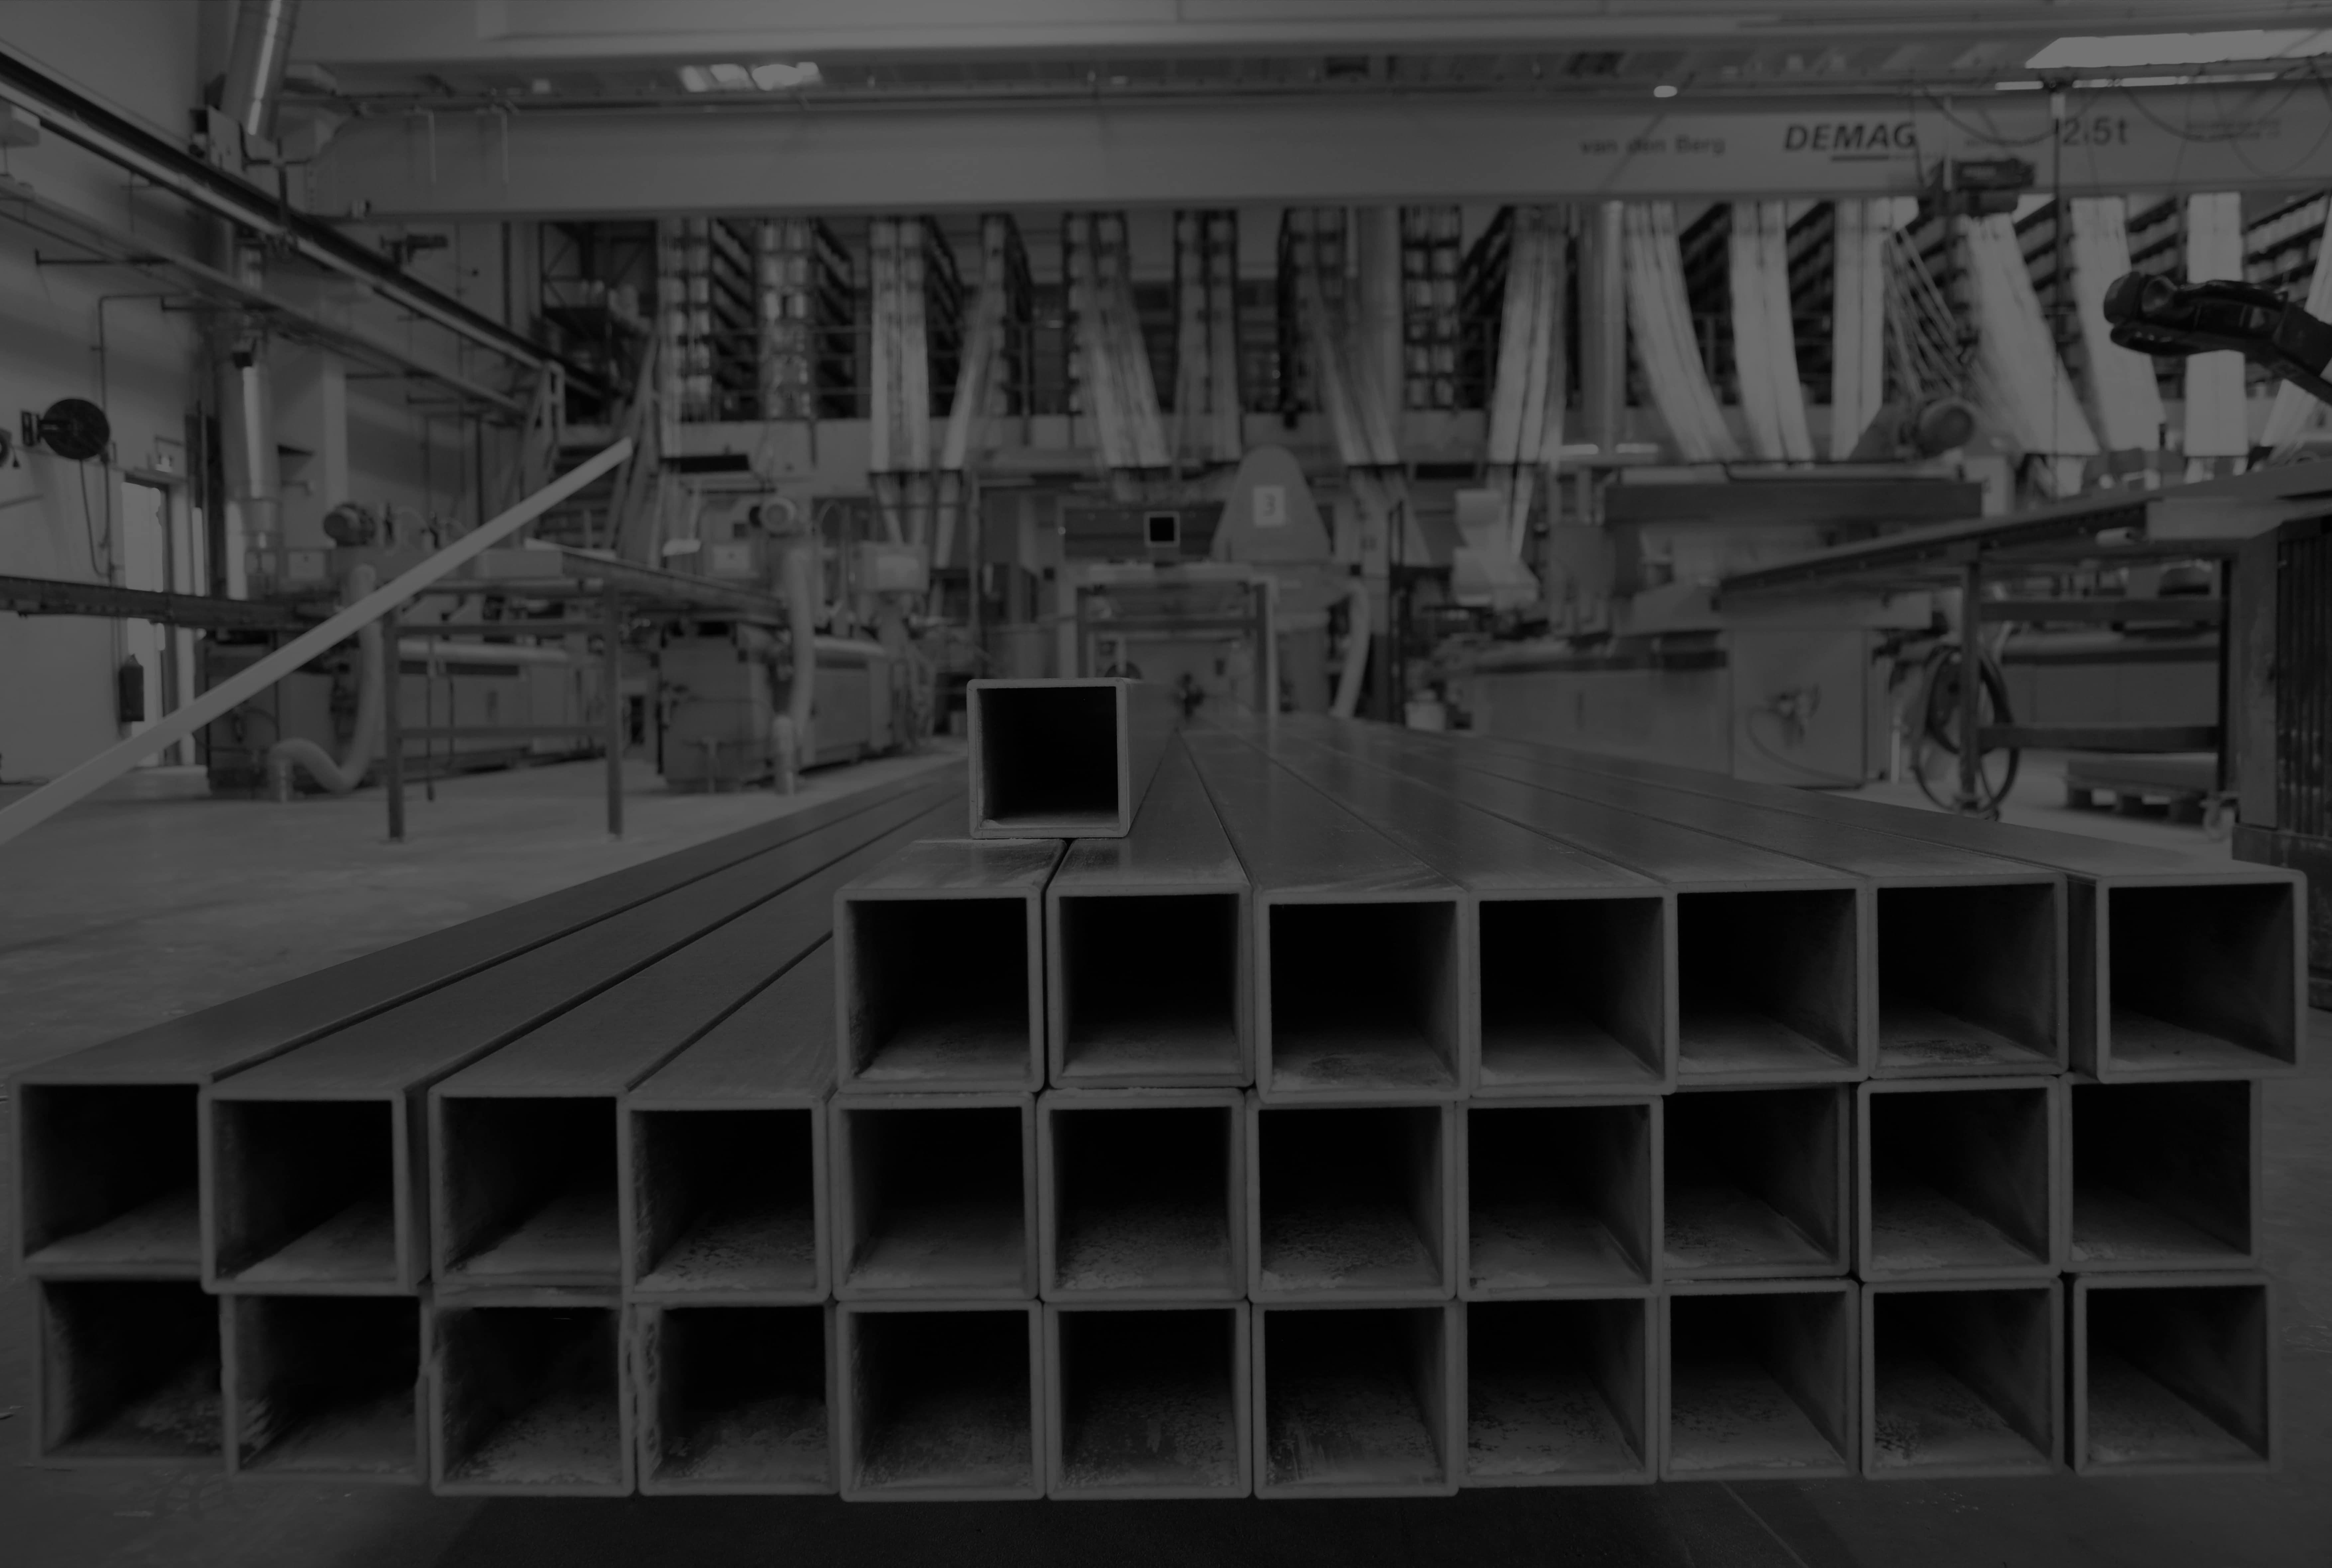 krafton-von-BIJL-GFK-Hersteller